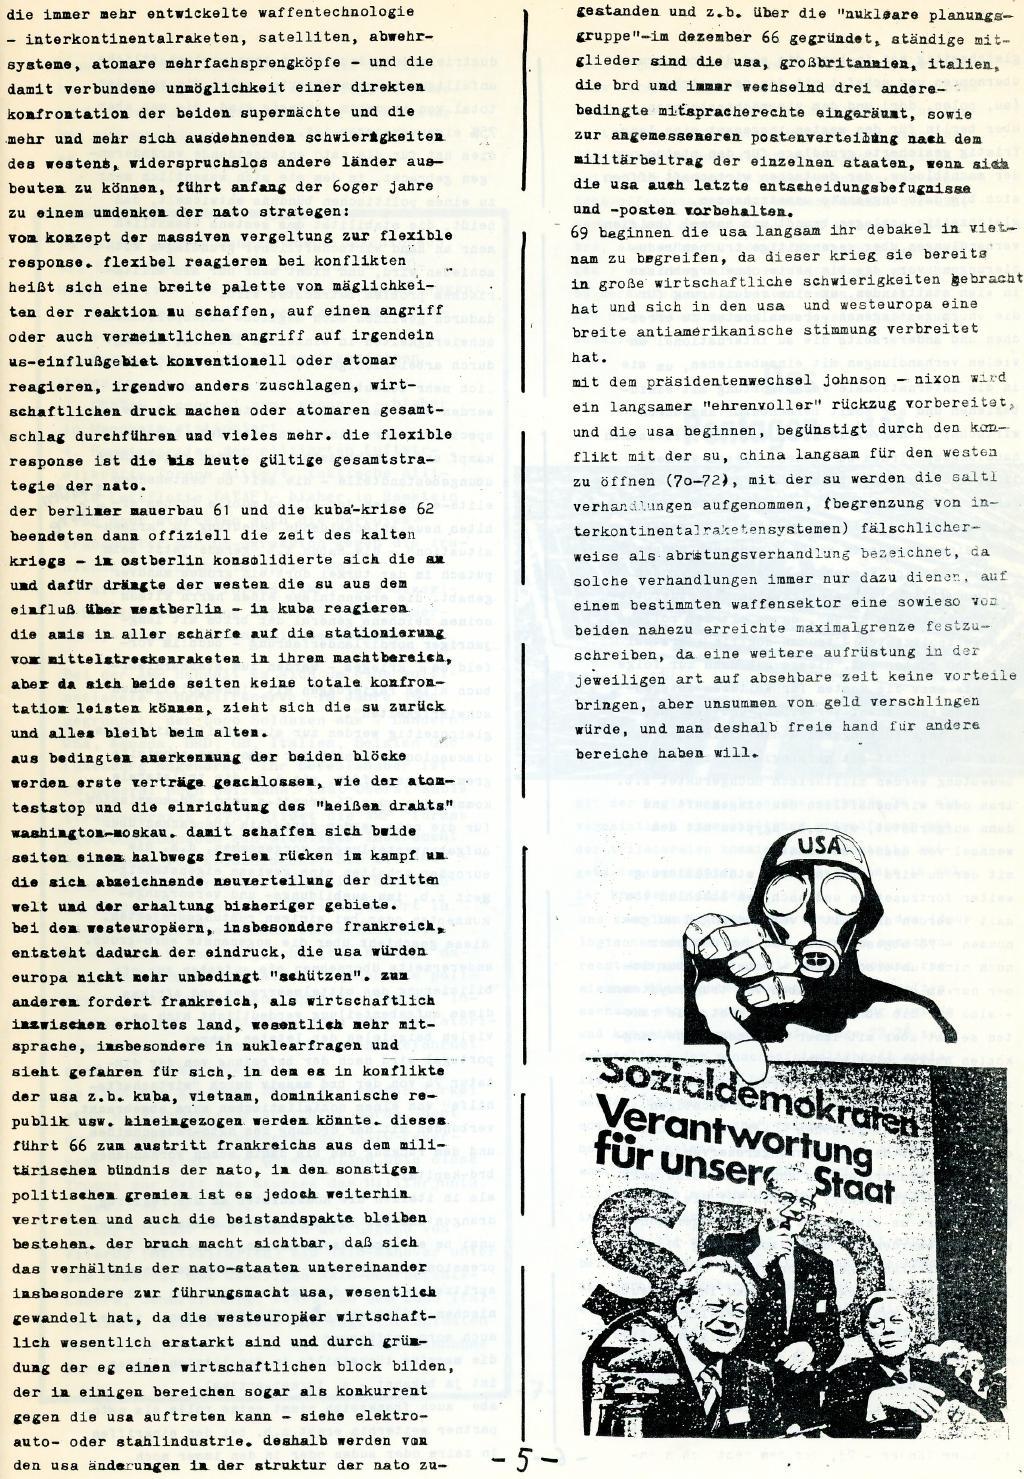 Bremen_1980_NATO_Broschuere_05